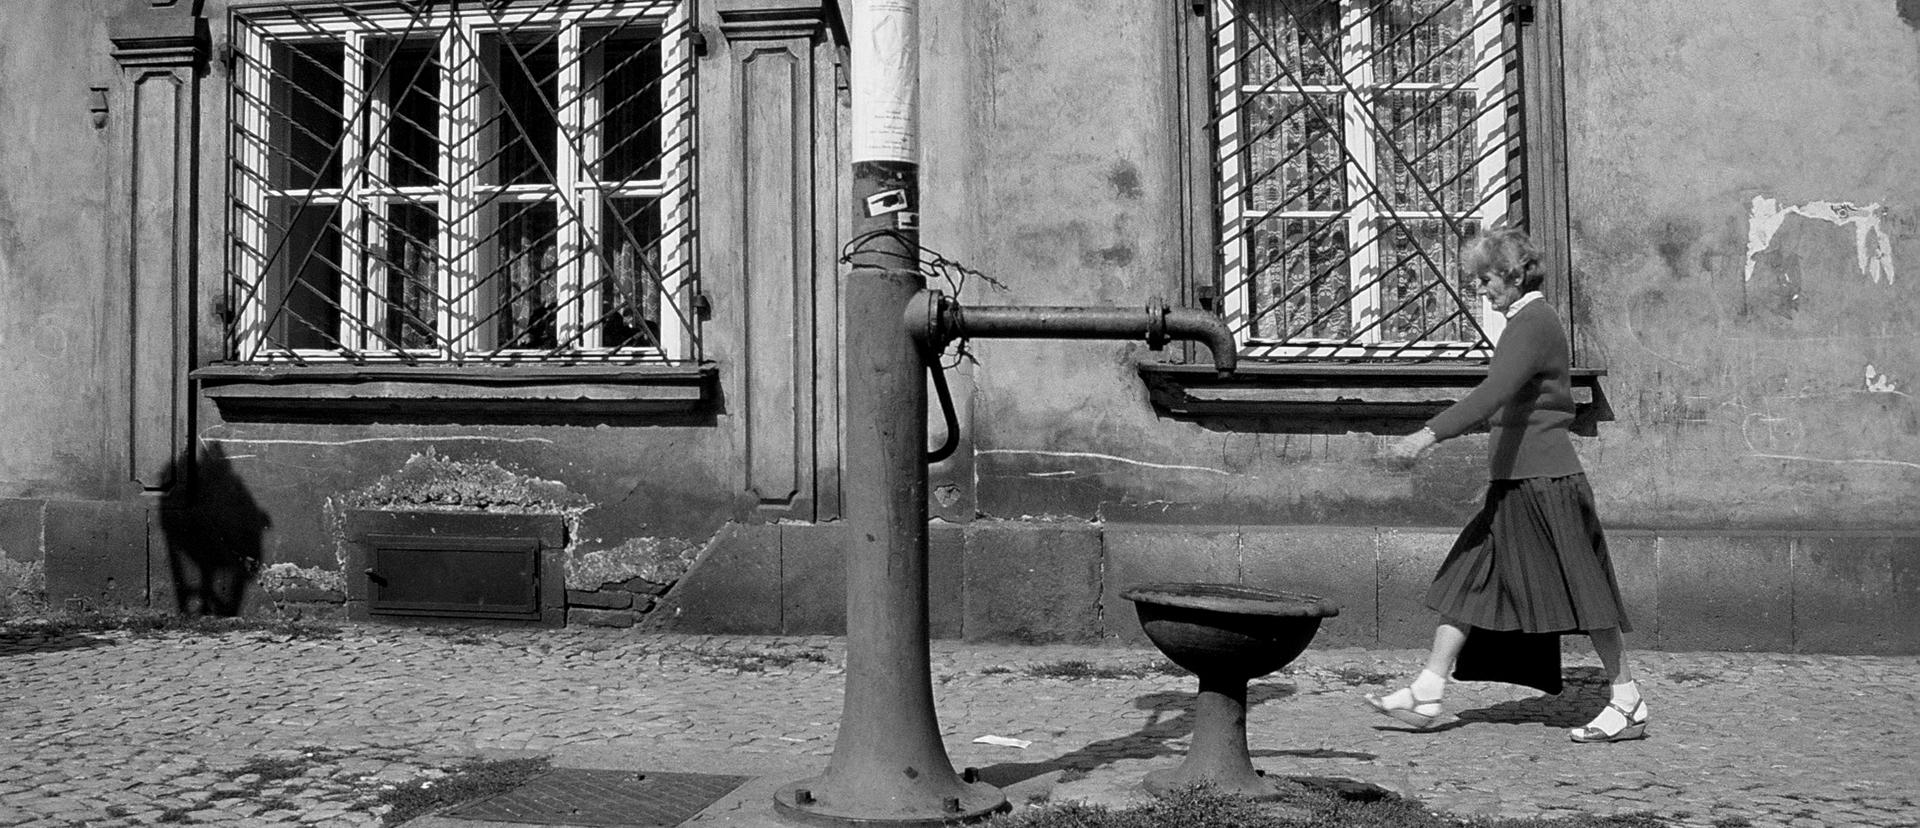 קפקא - Praha - יואל שתרוג -Prague- אדמה יוצרת - yoel sitruk - 1990 פראג